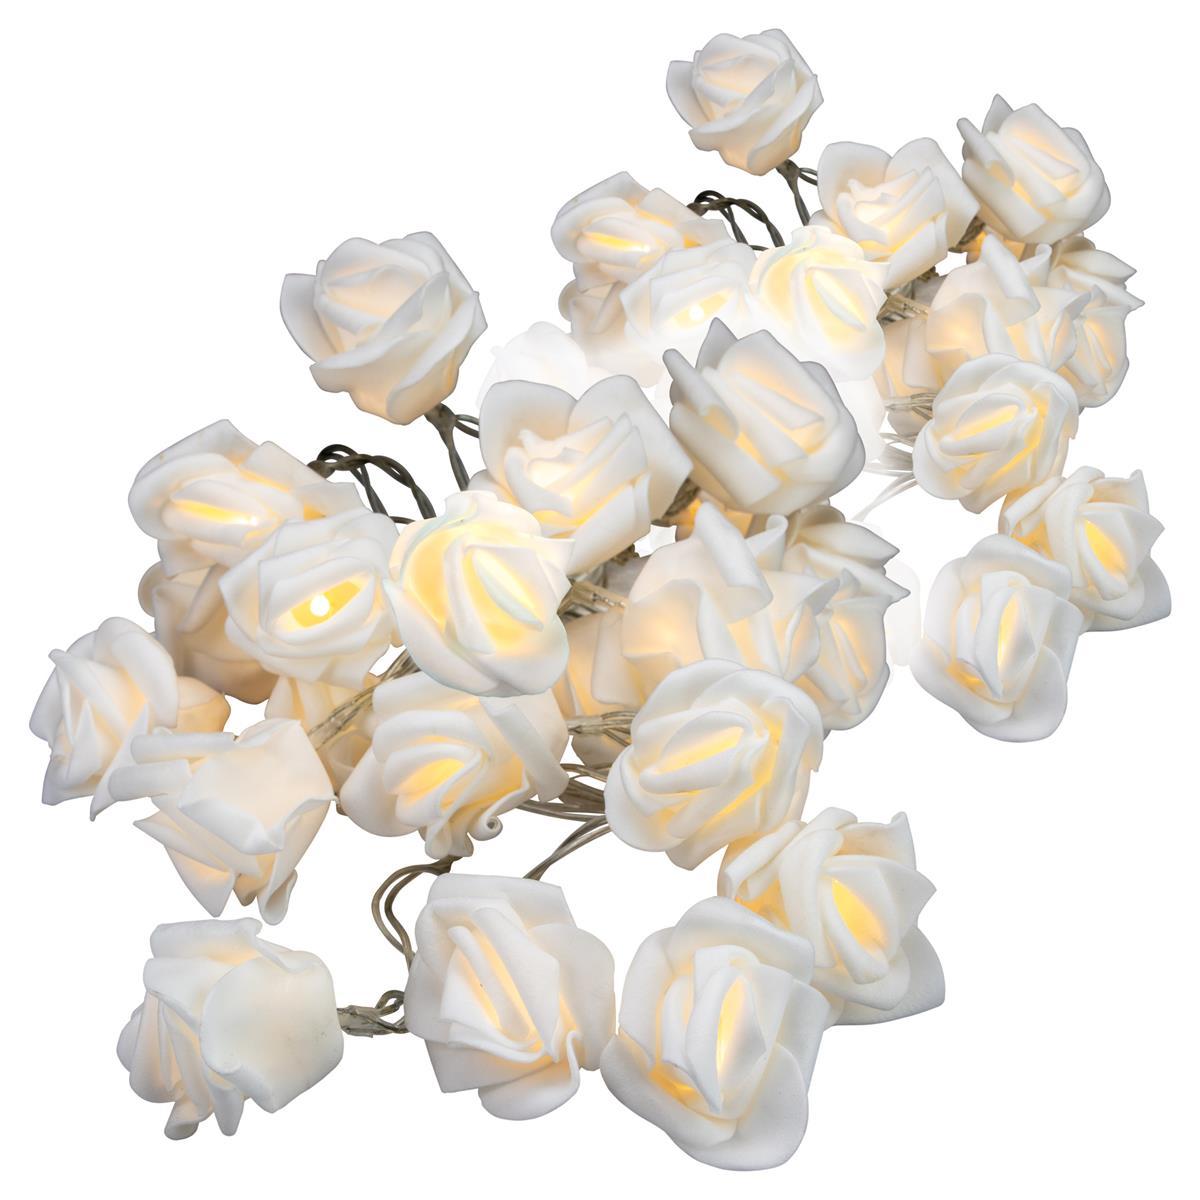 2er Set Rosenblütenkette mit 20 LED warm weiß Batterie transparentes Kabel